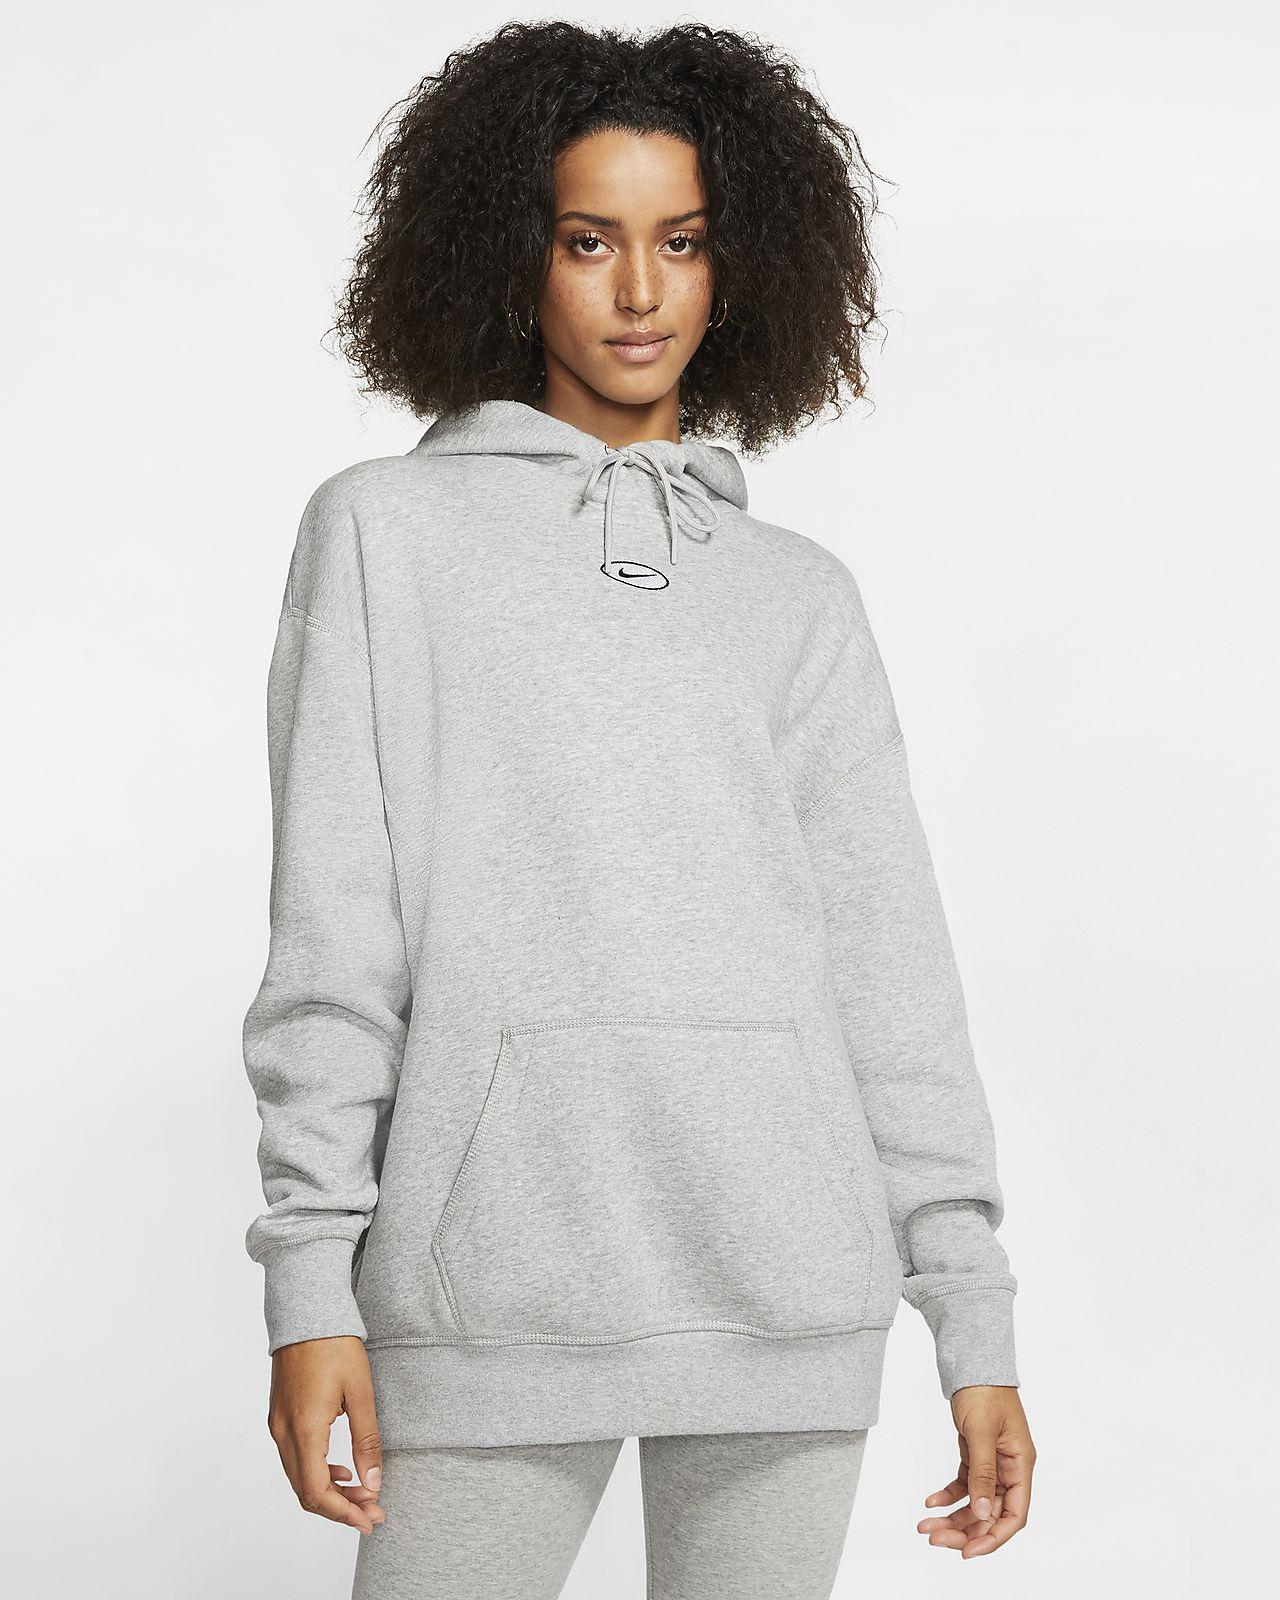 Nike Sportswear Swoosh hettegenser for dame